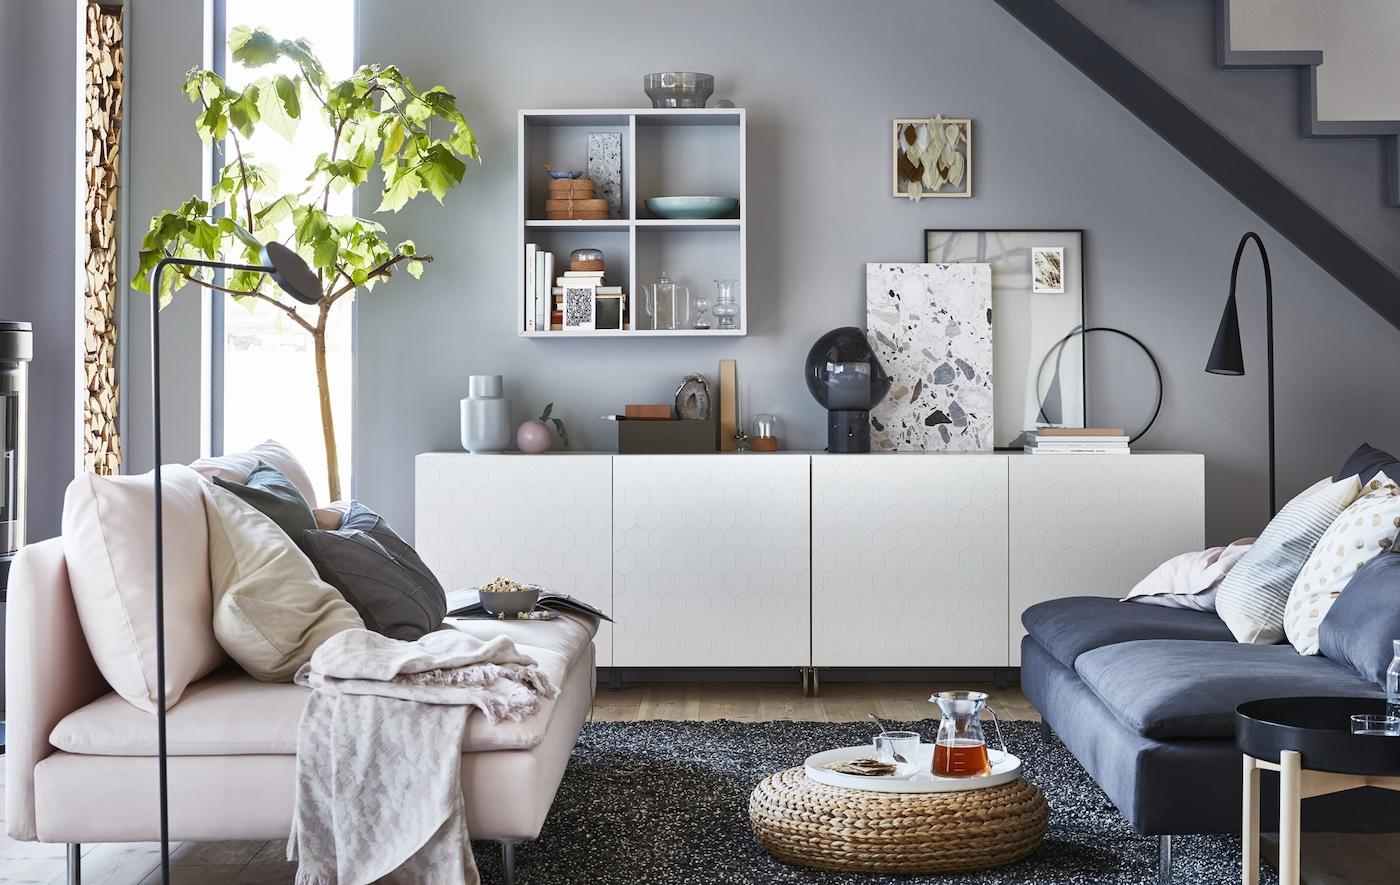 灰色和白色的客厅内放有低矮的储物单元。